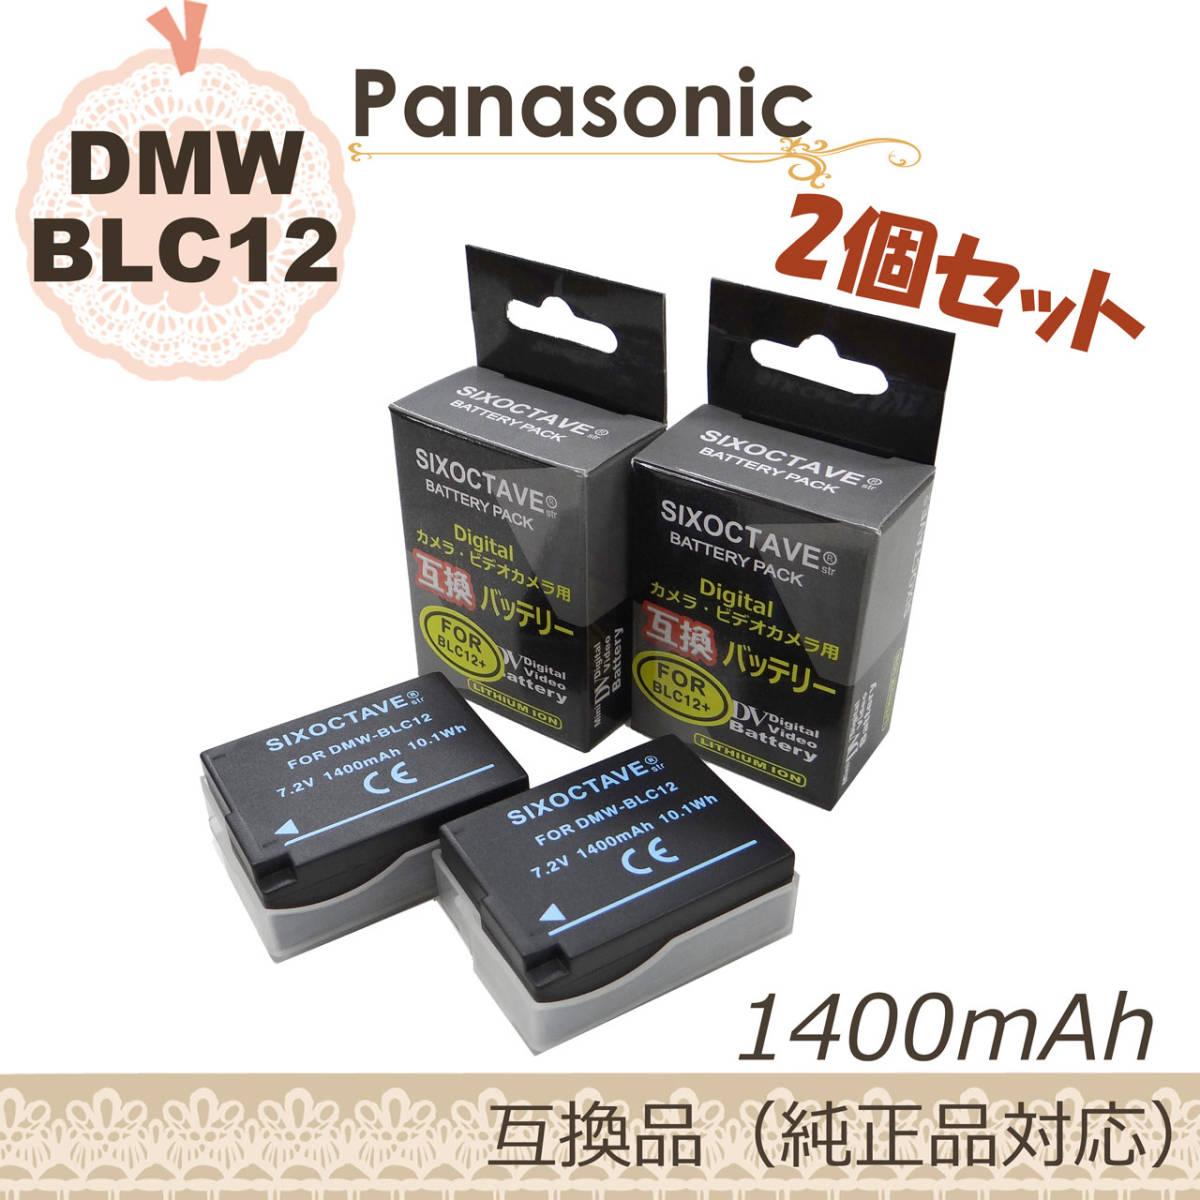 【新品】PanasonicパナソニックDMW-BLC12互換バッテリー2個セットDMC-FZ1000/DMC-FZ200/DMC-FZ200GK/DMC-FZ200K/DMC-FZ300/DMC-FZH1_画像1